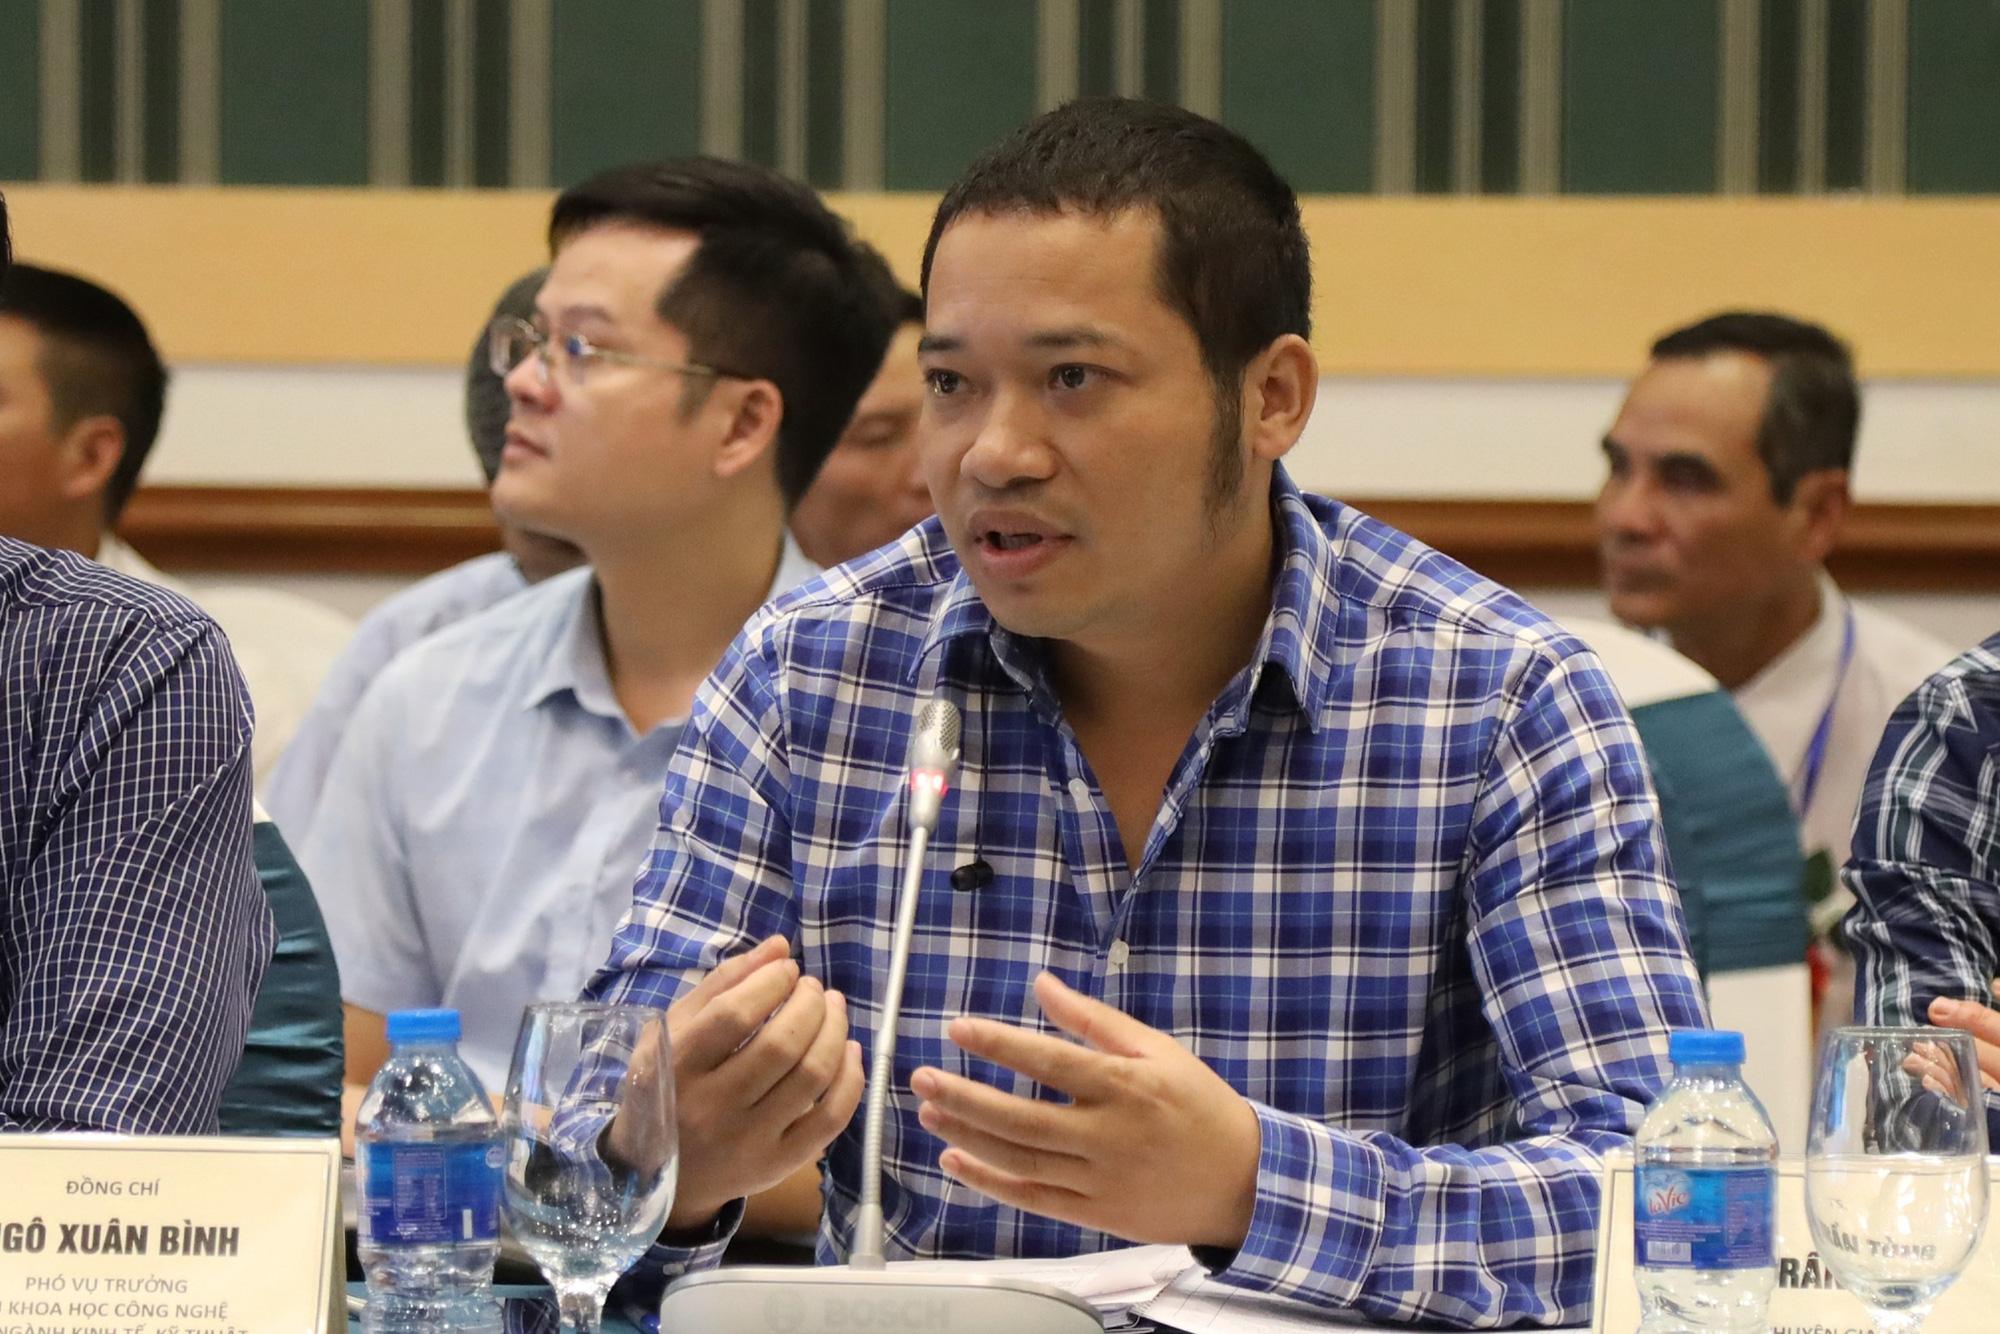 """""""Vua vịt trời"""" Nguyễn Đăng Cường: Con vịt quê giá 150.000 đồng, áp dụng công nghệ giá lên tới 40 USD - Ảnh 1."""